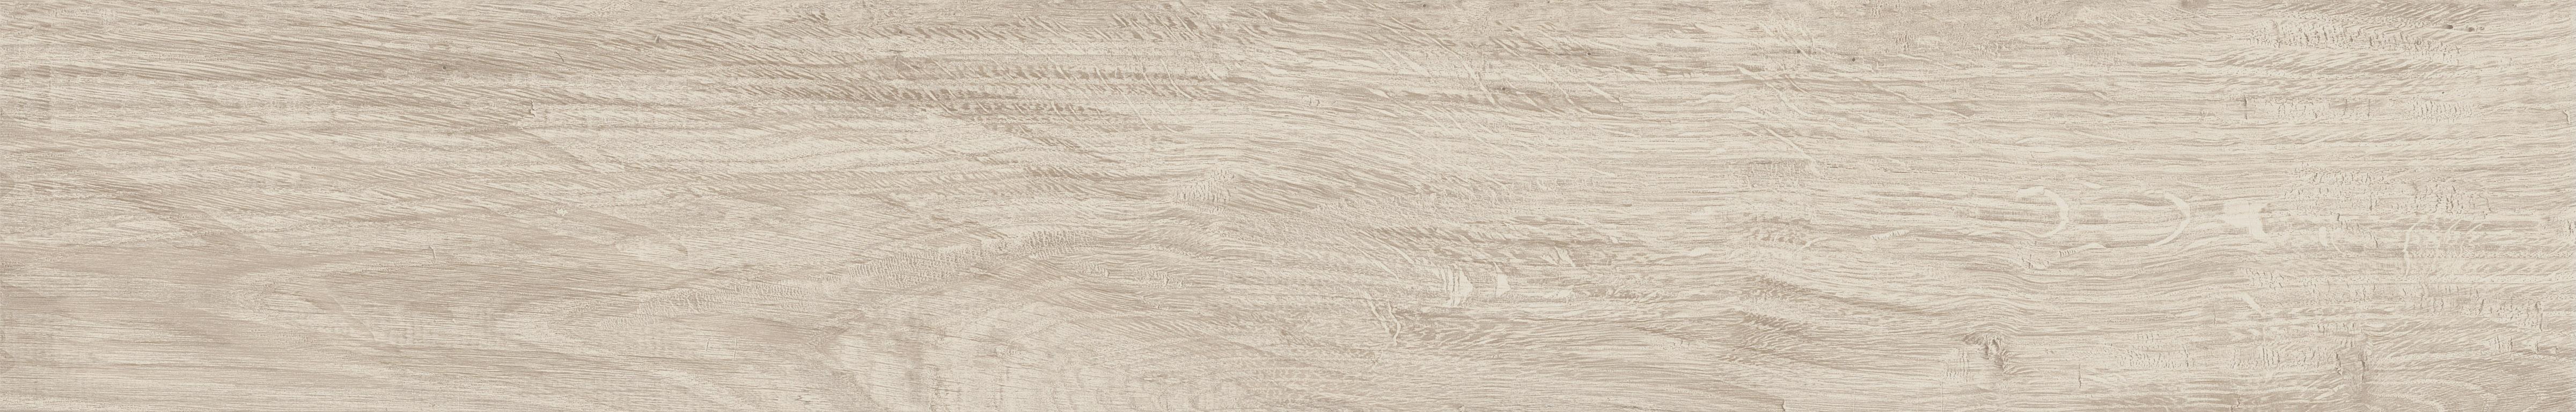 Плитка Allwood Bianco (zzxwu1r) изображение 7